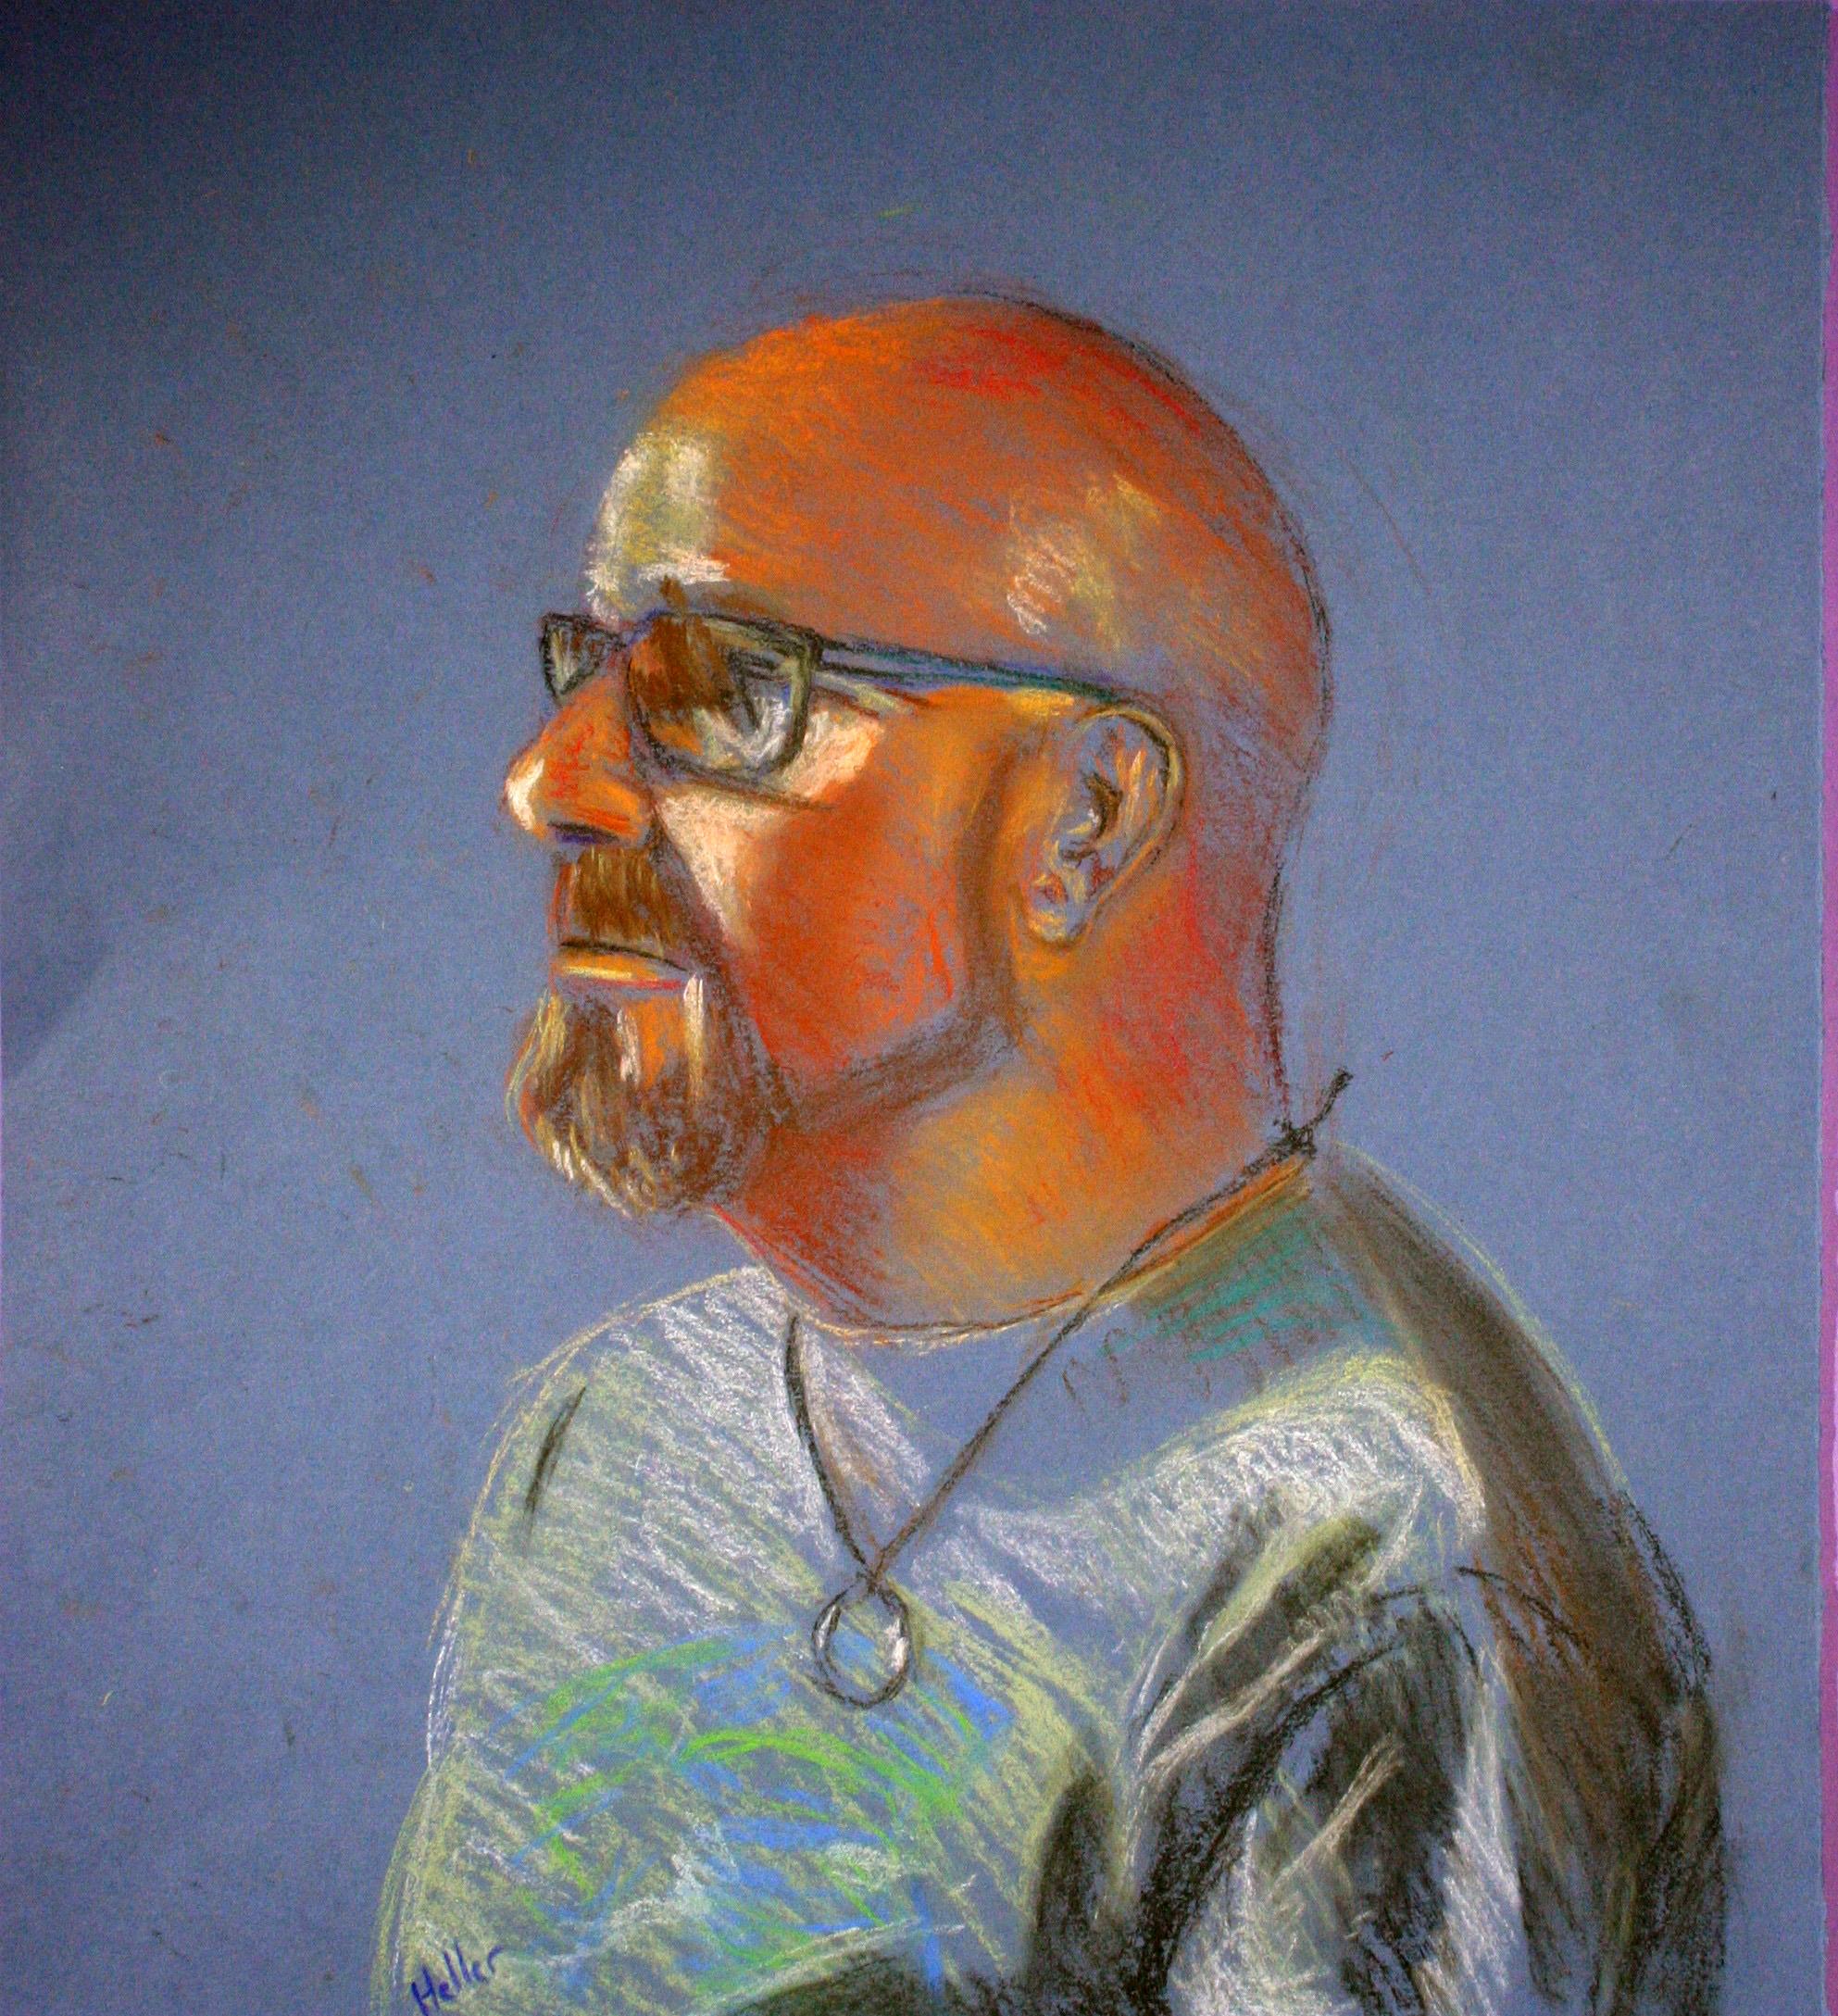 David Heller - Pastel